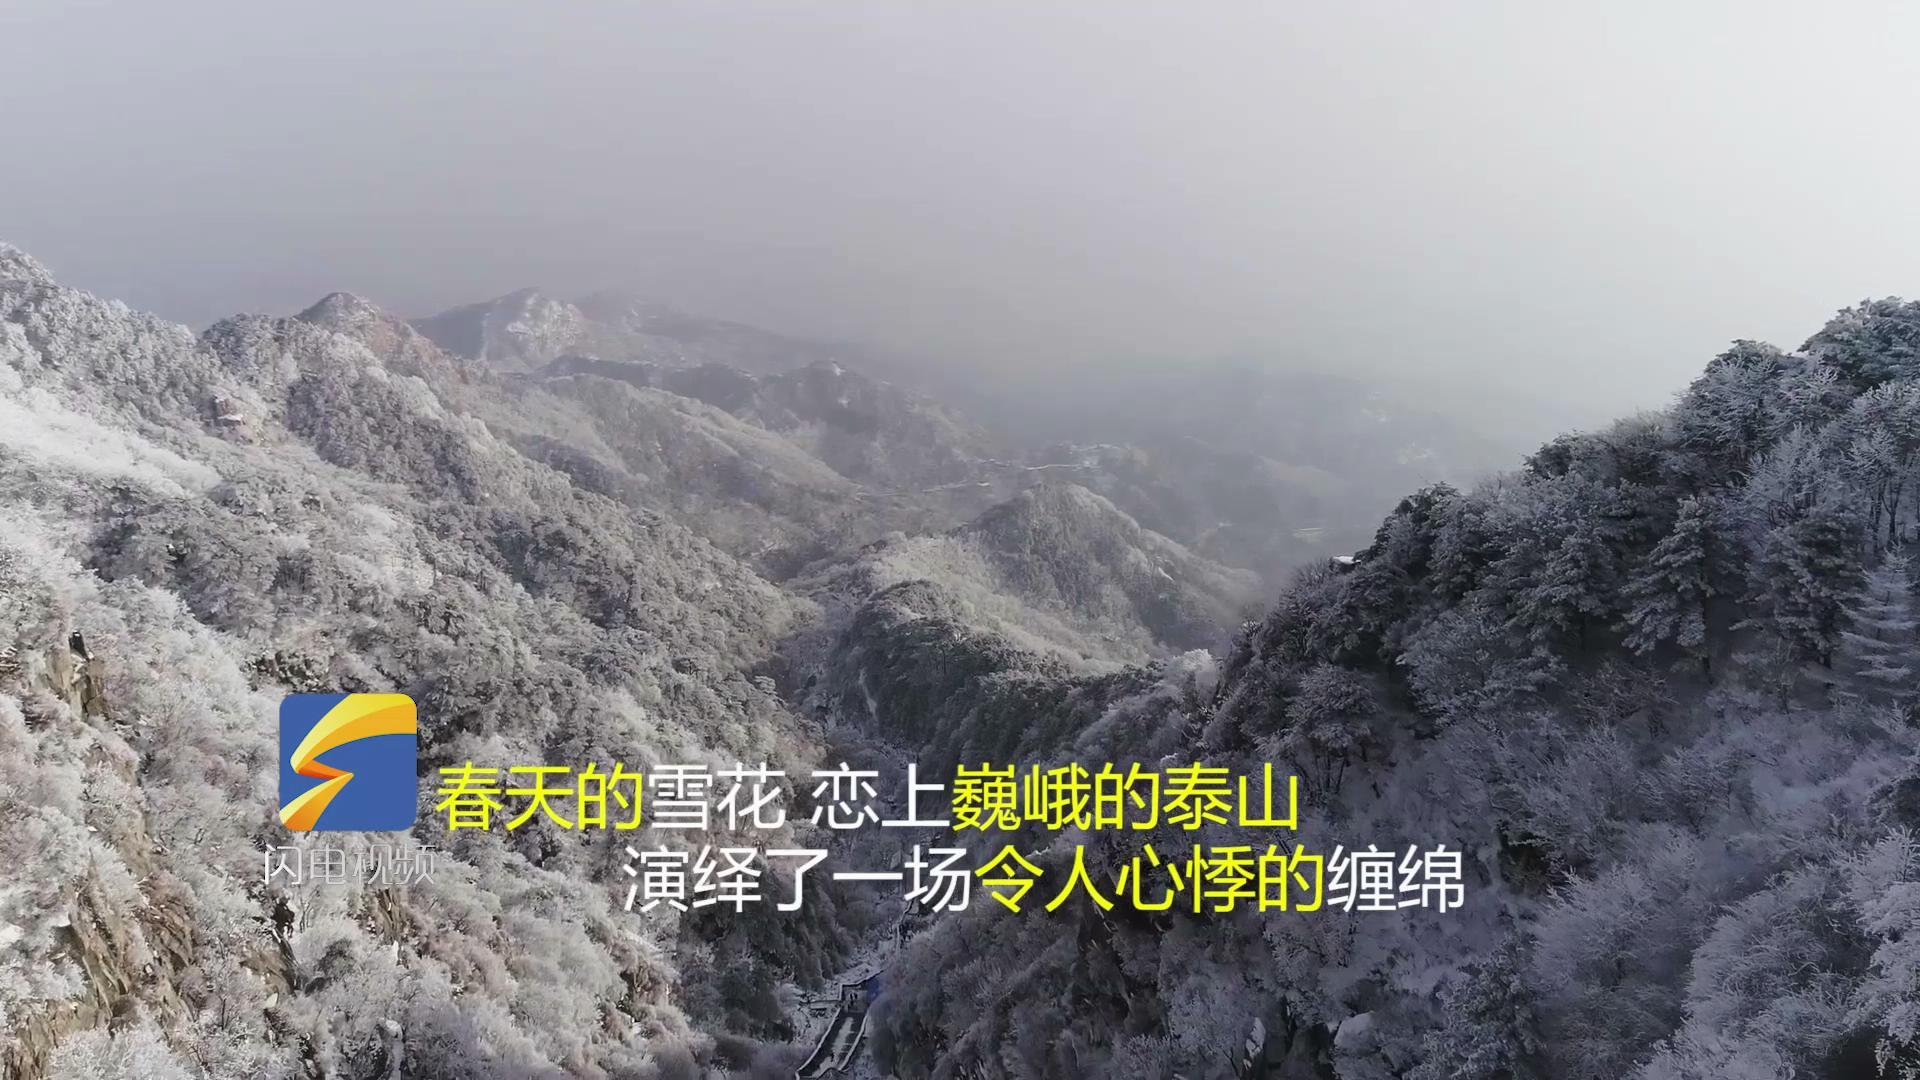 泰山雪景大格式_20190216134338.JPG